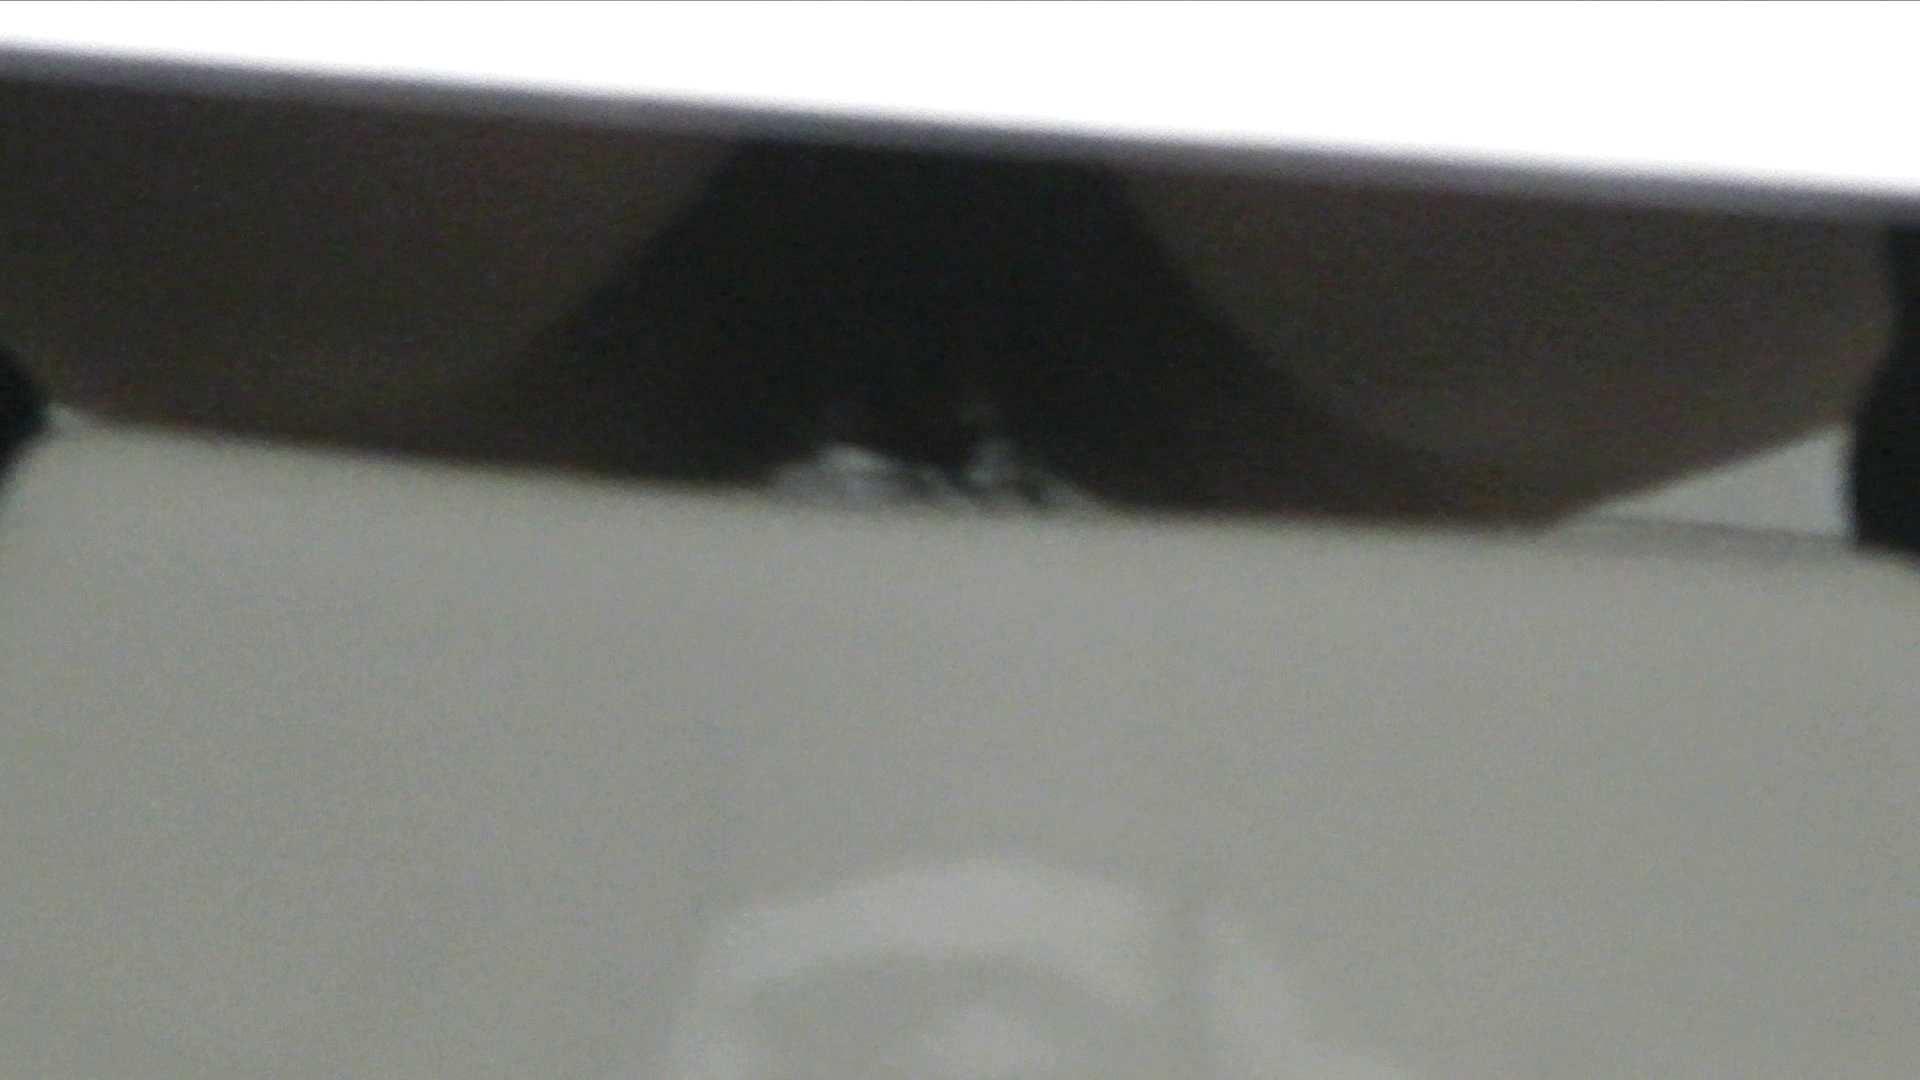 お市さんの「お尻丸出しジャンボリー」No.02 排泄 覗き性交動画流出 42連発 21